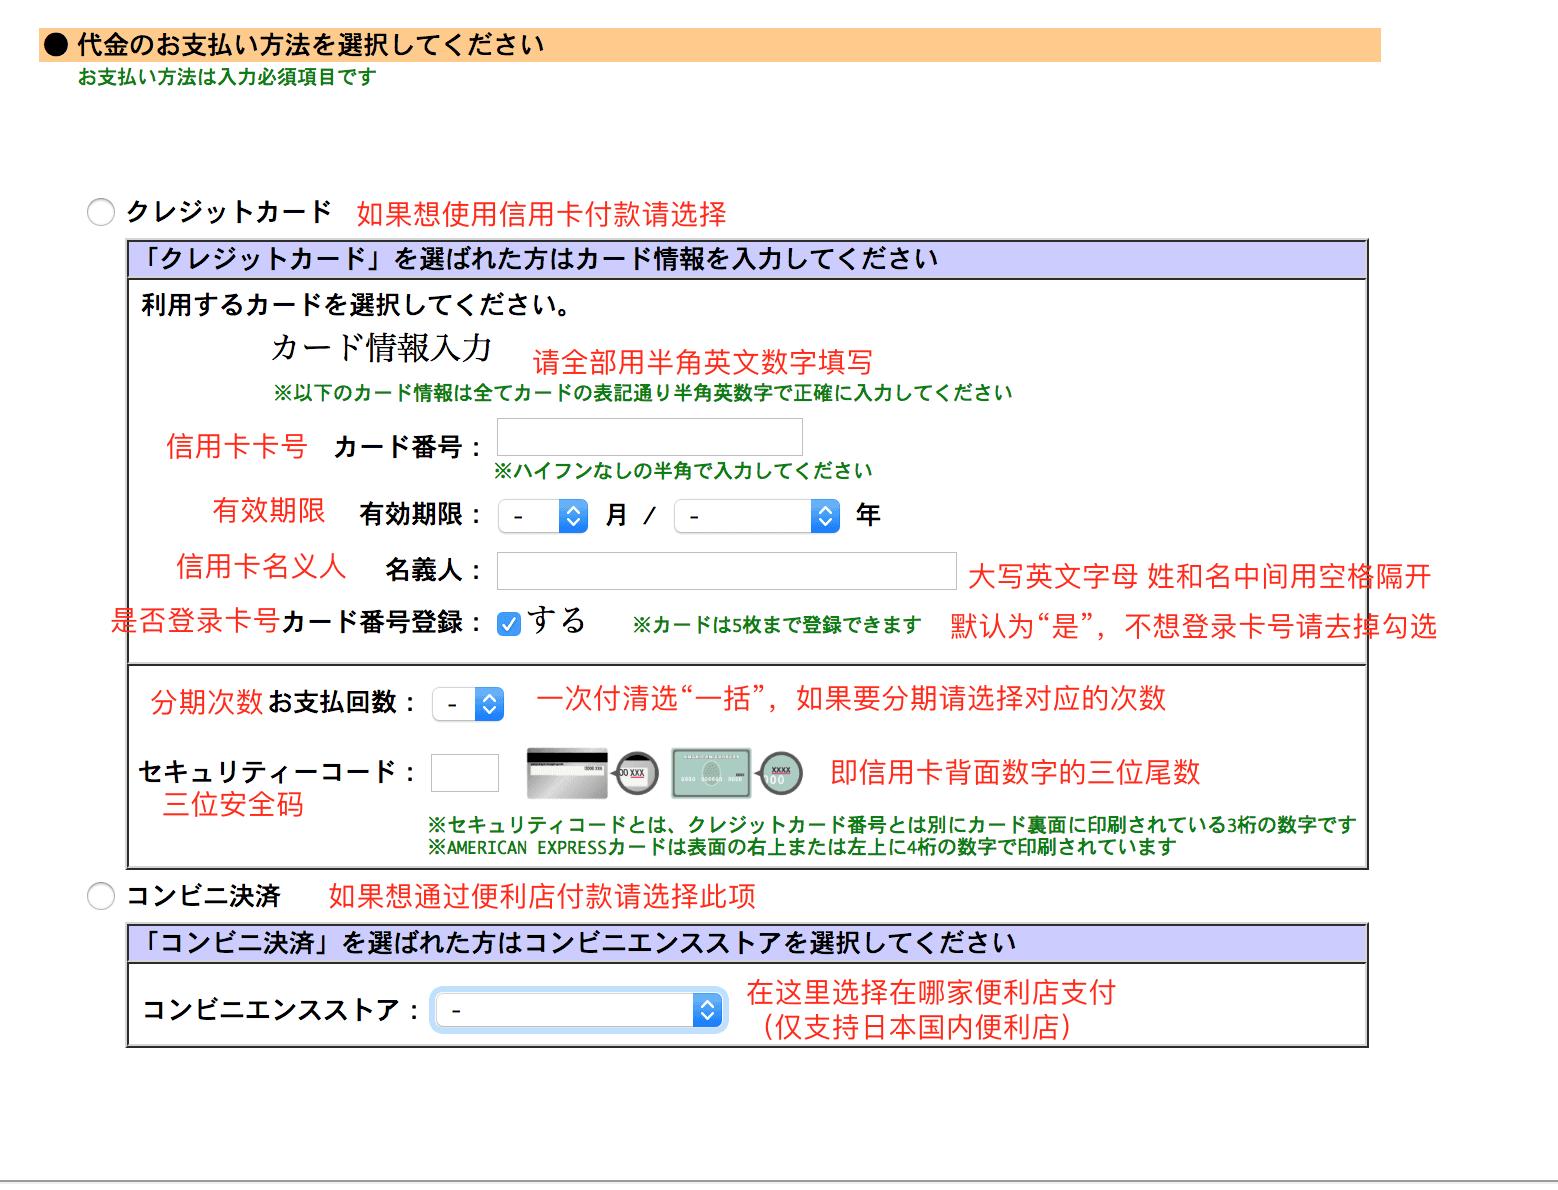 image13-compressor.png